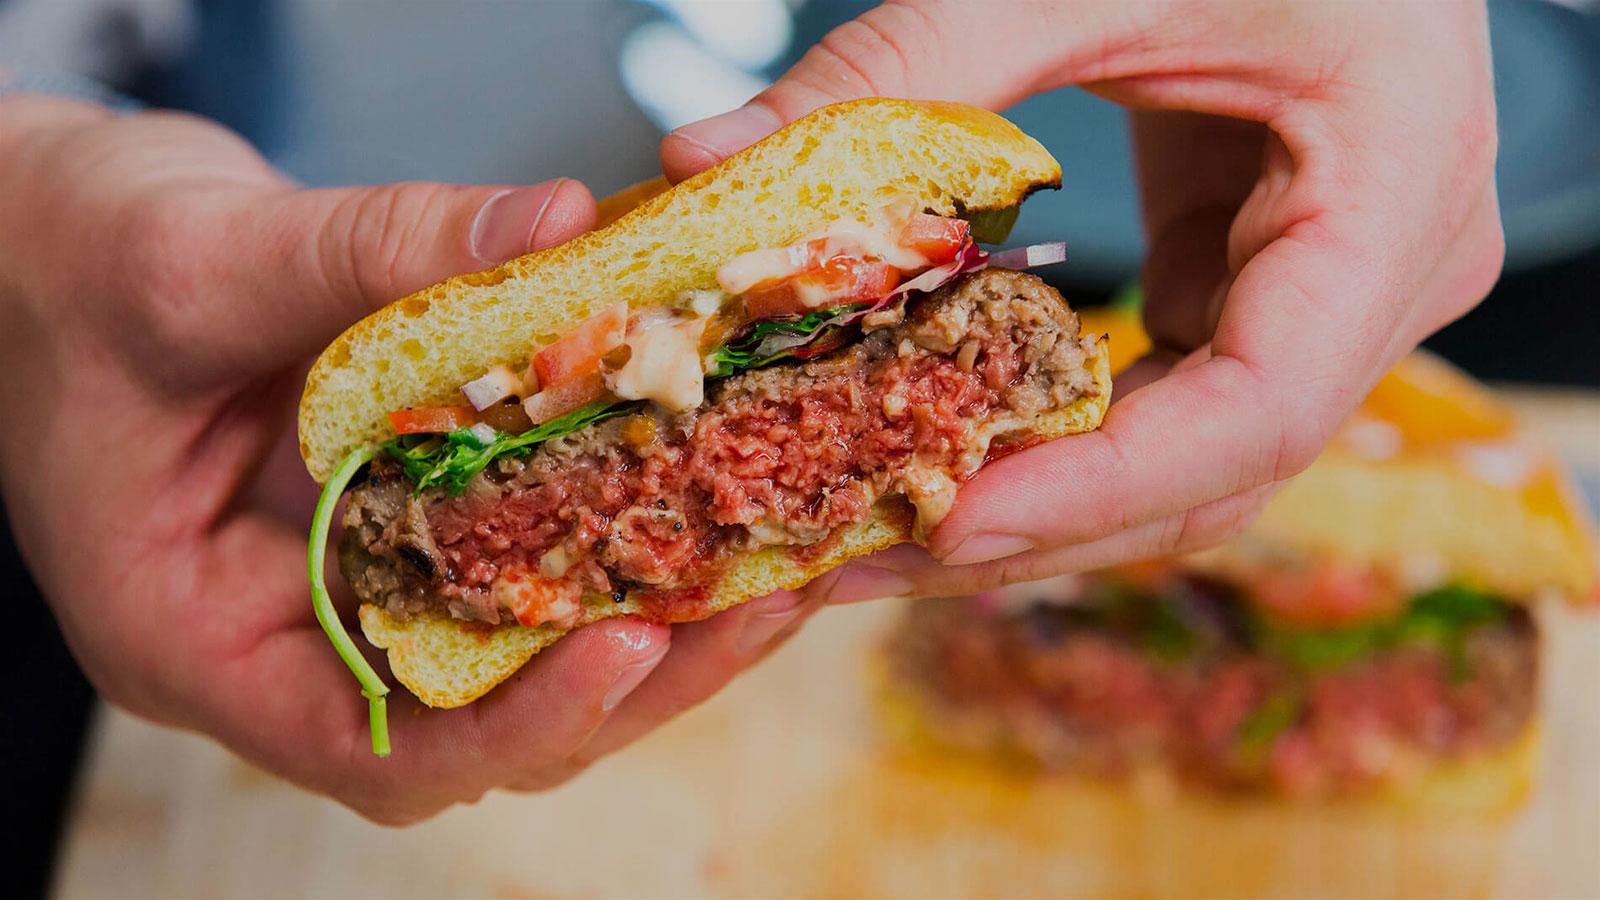 Le hamburger ultime est-il végétarien ?